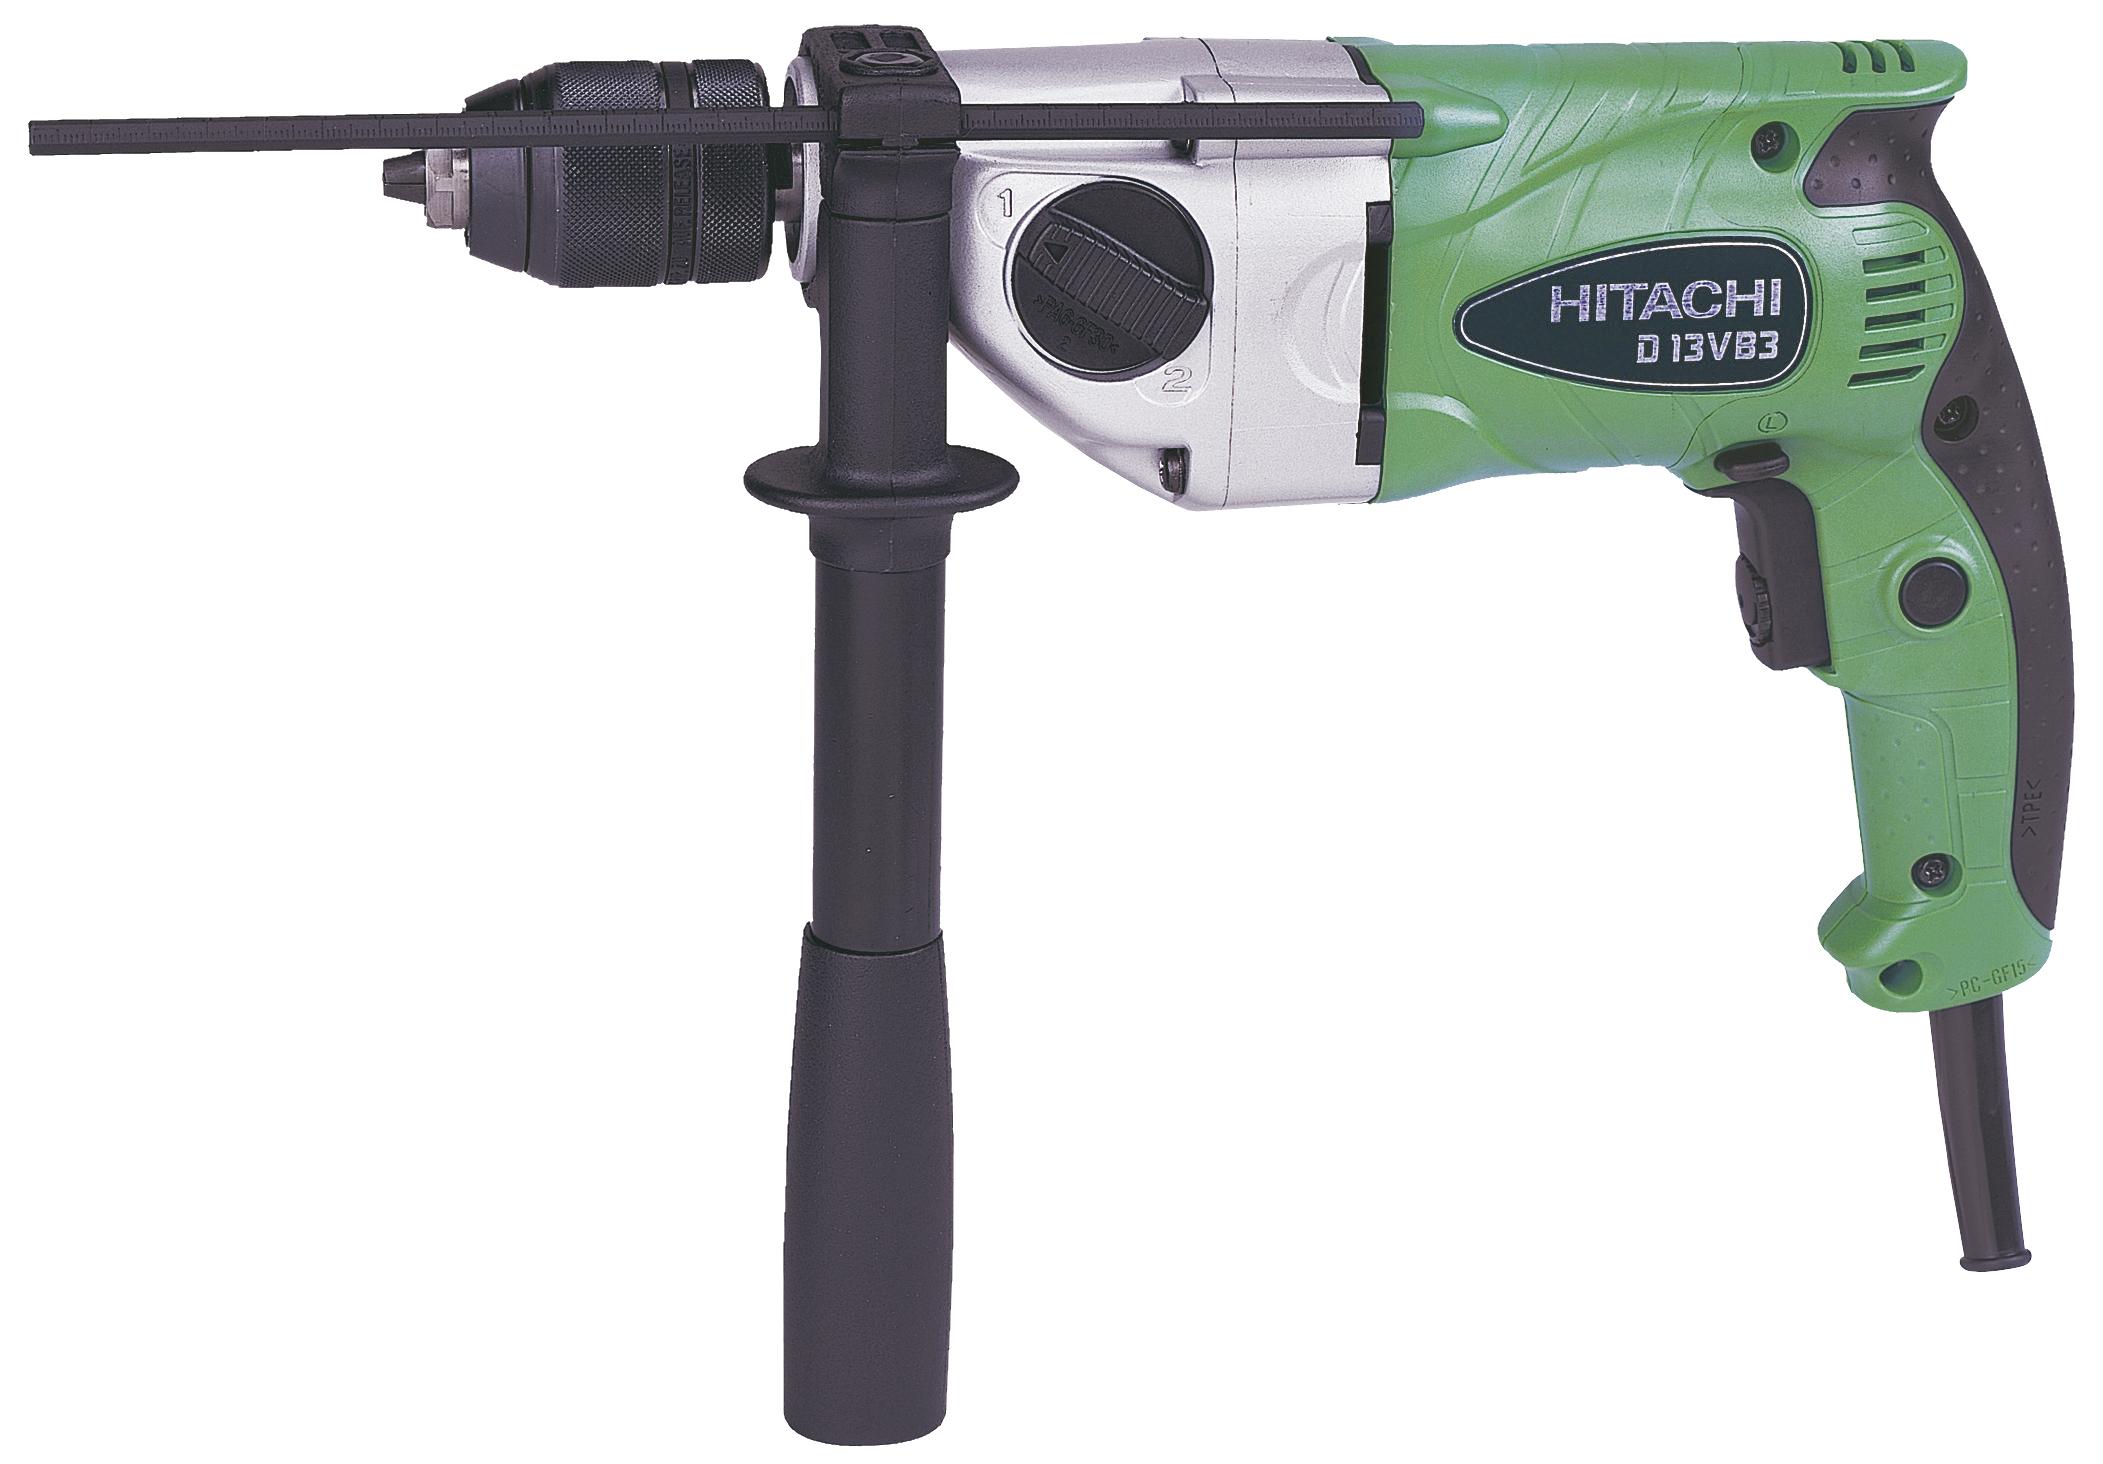 D13VB3-Drill-13-mm790-W